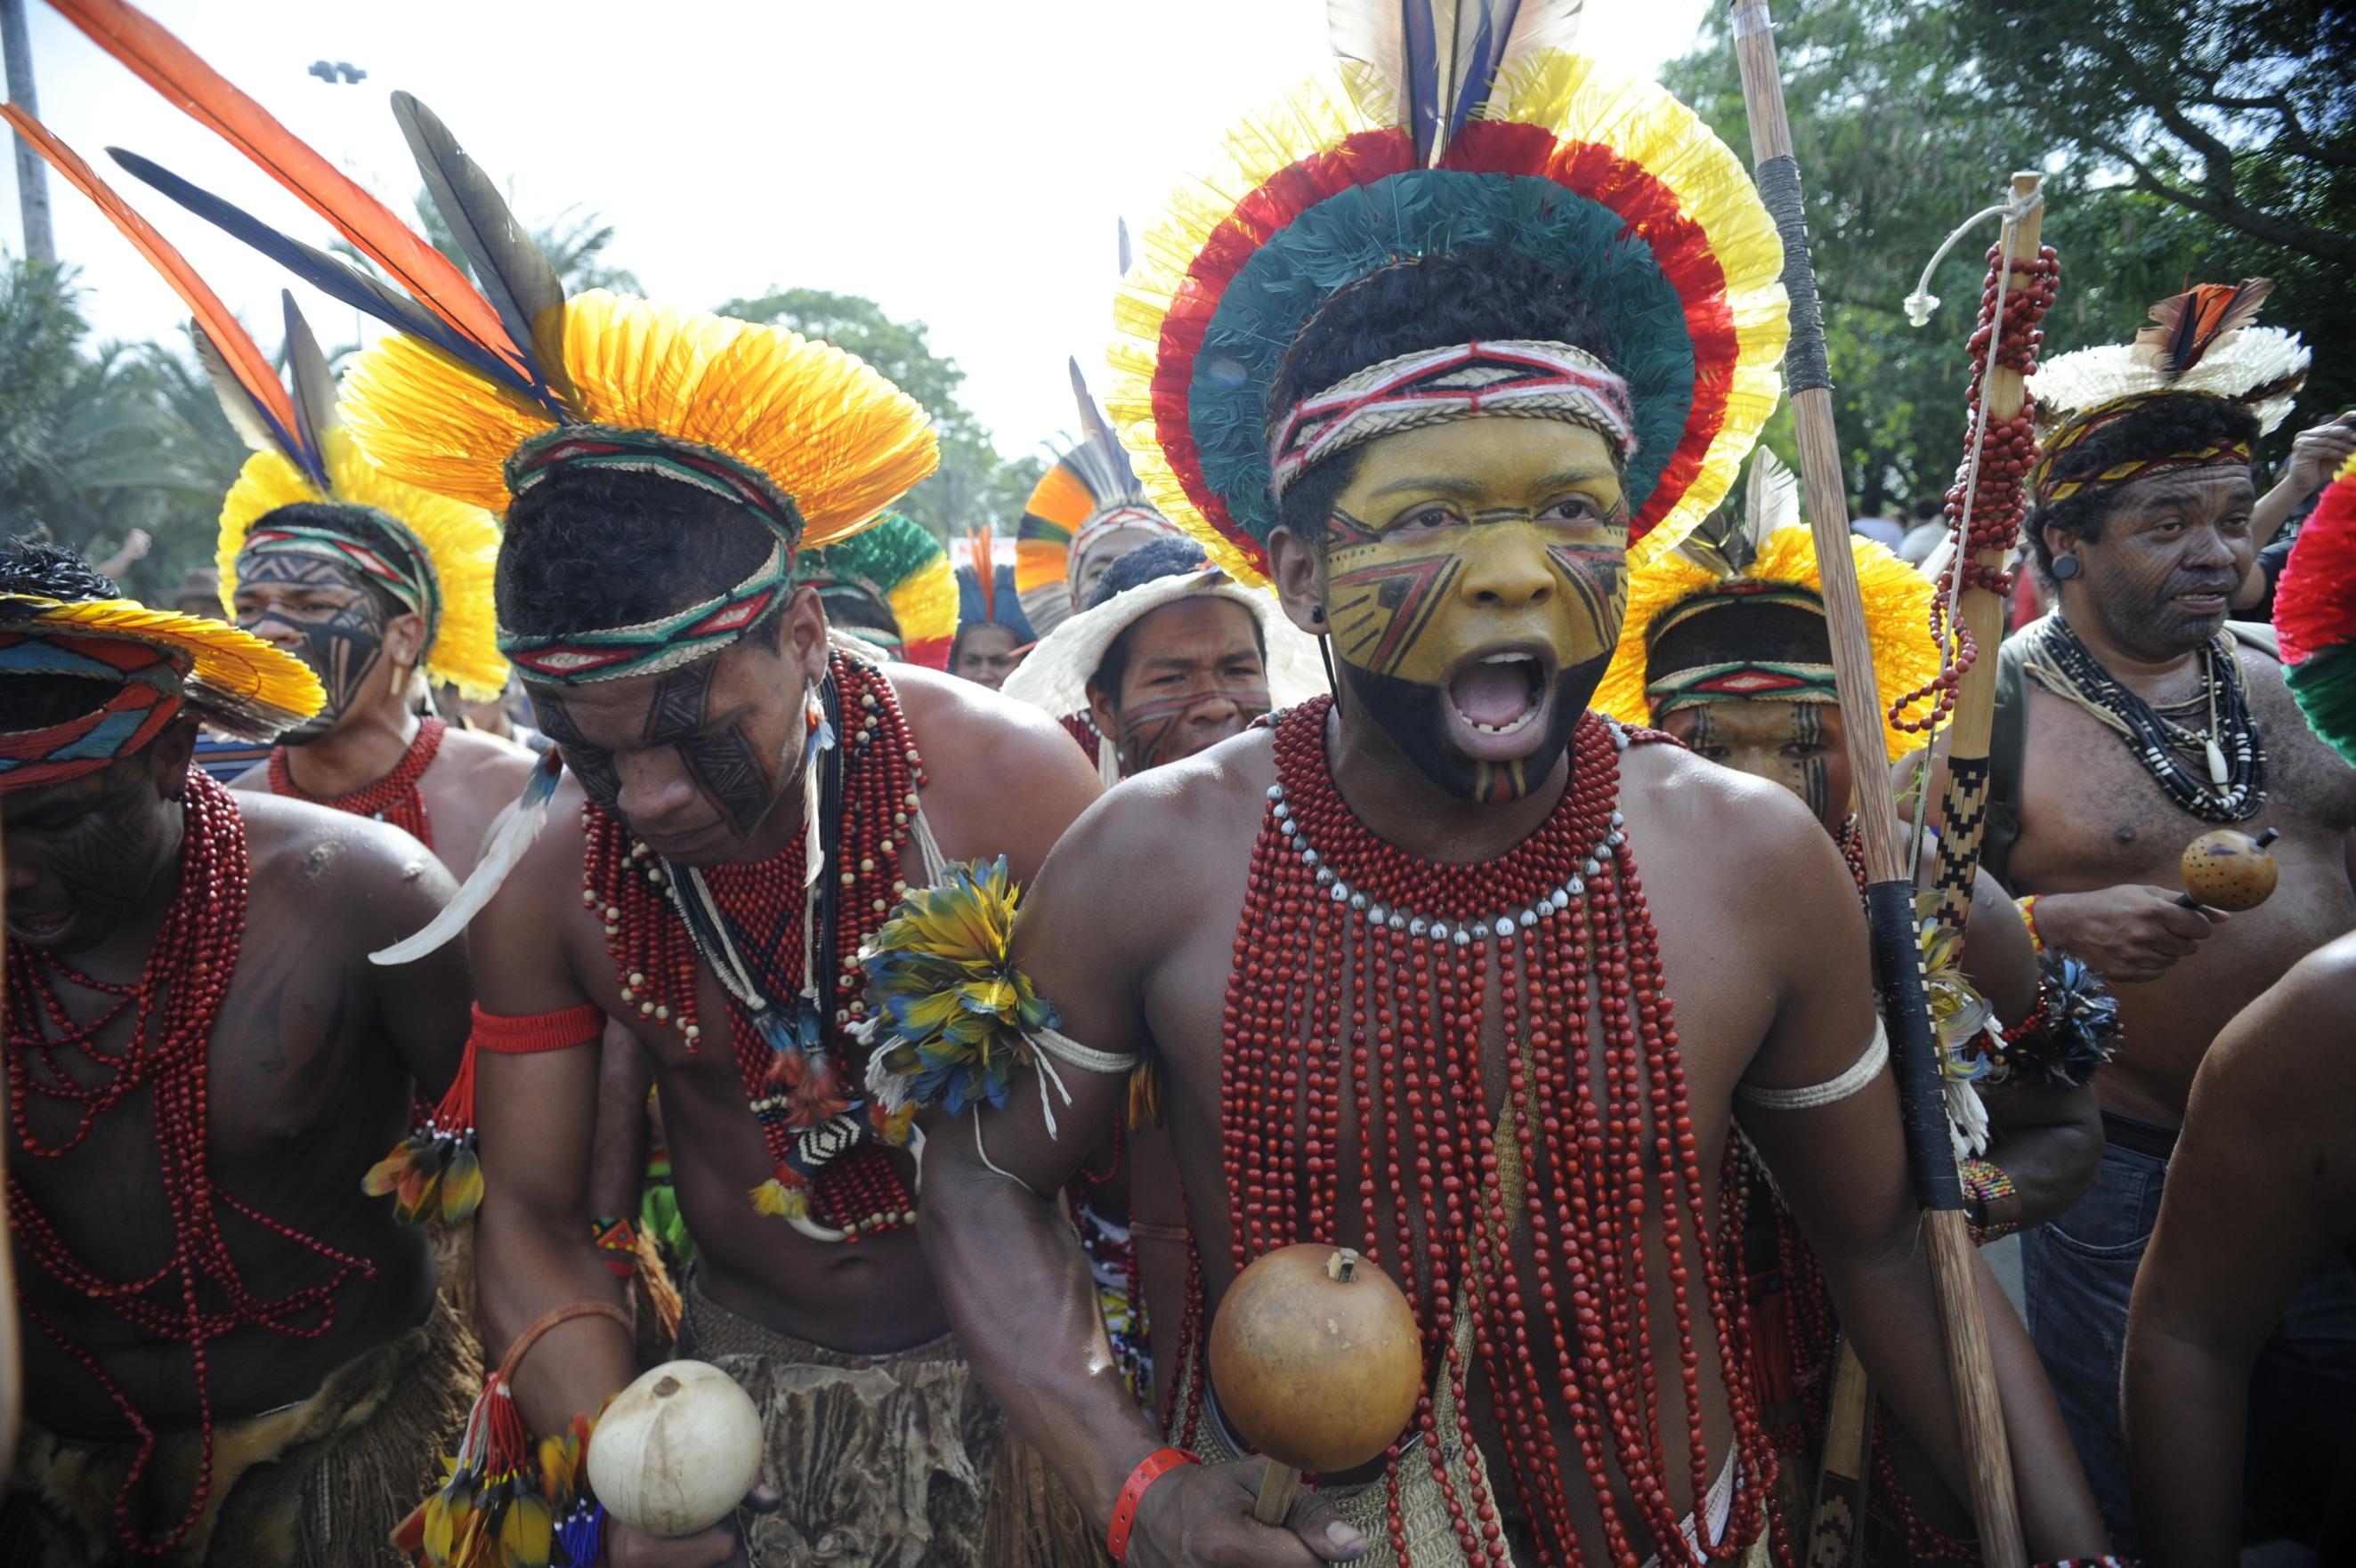 Índios Pataxós fazem uma passeata pela Cúpula dos Povos, evento paralelo à Rio+20. Foto de Fabio Rodrigues Pozzebom/ABr